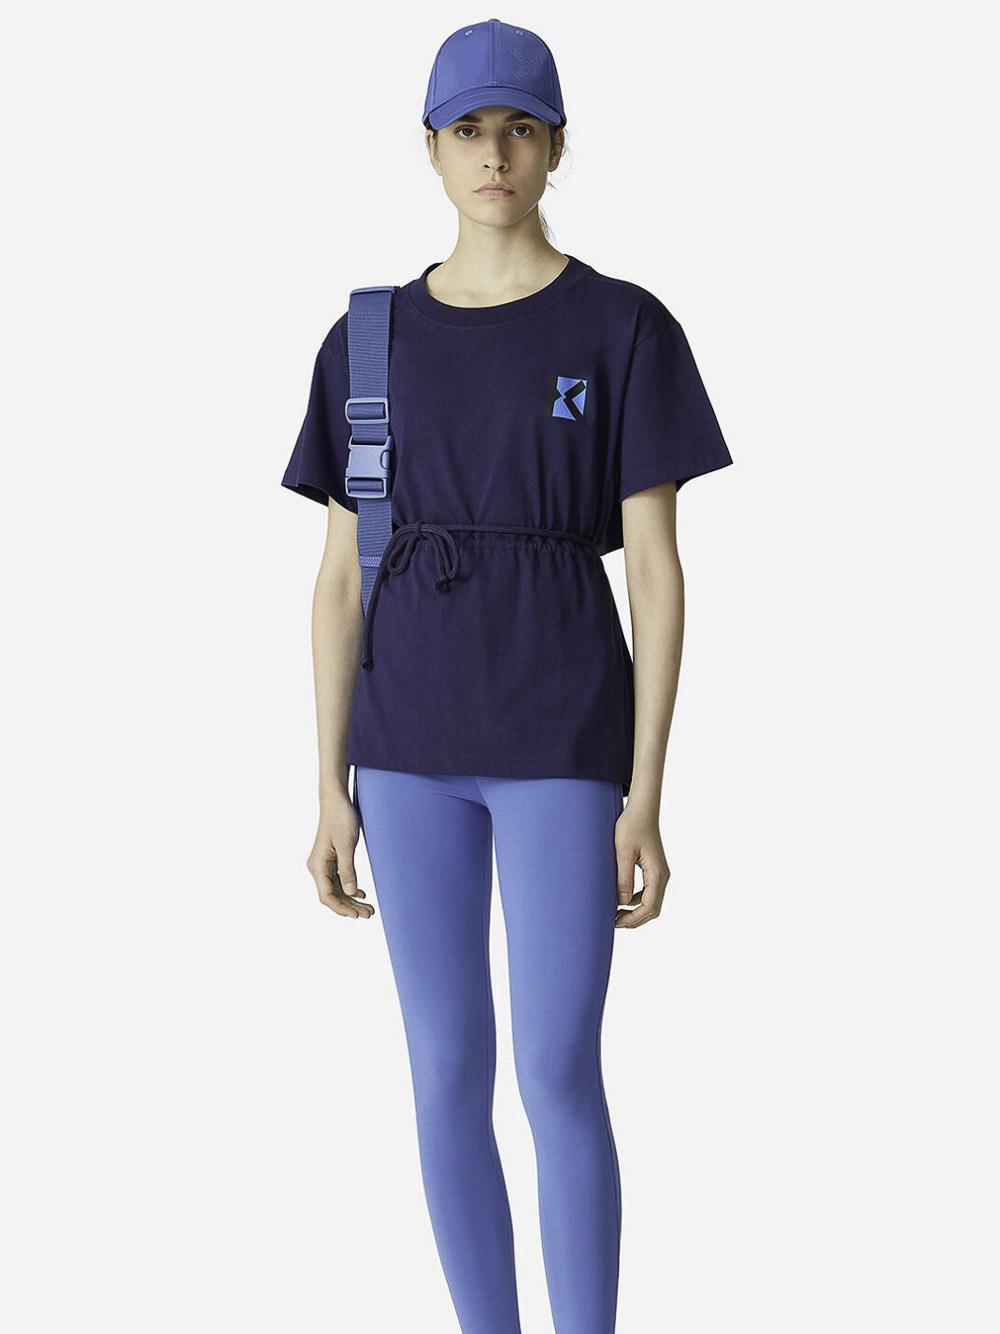 KENZO Μπλούζα t-shirt 2TS6374SJ-77 ΜΠΛΕ